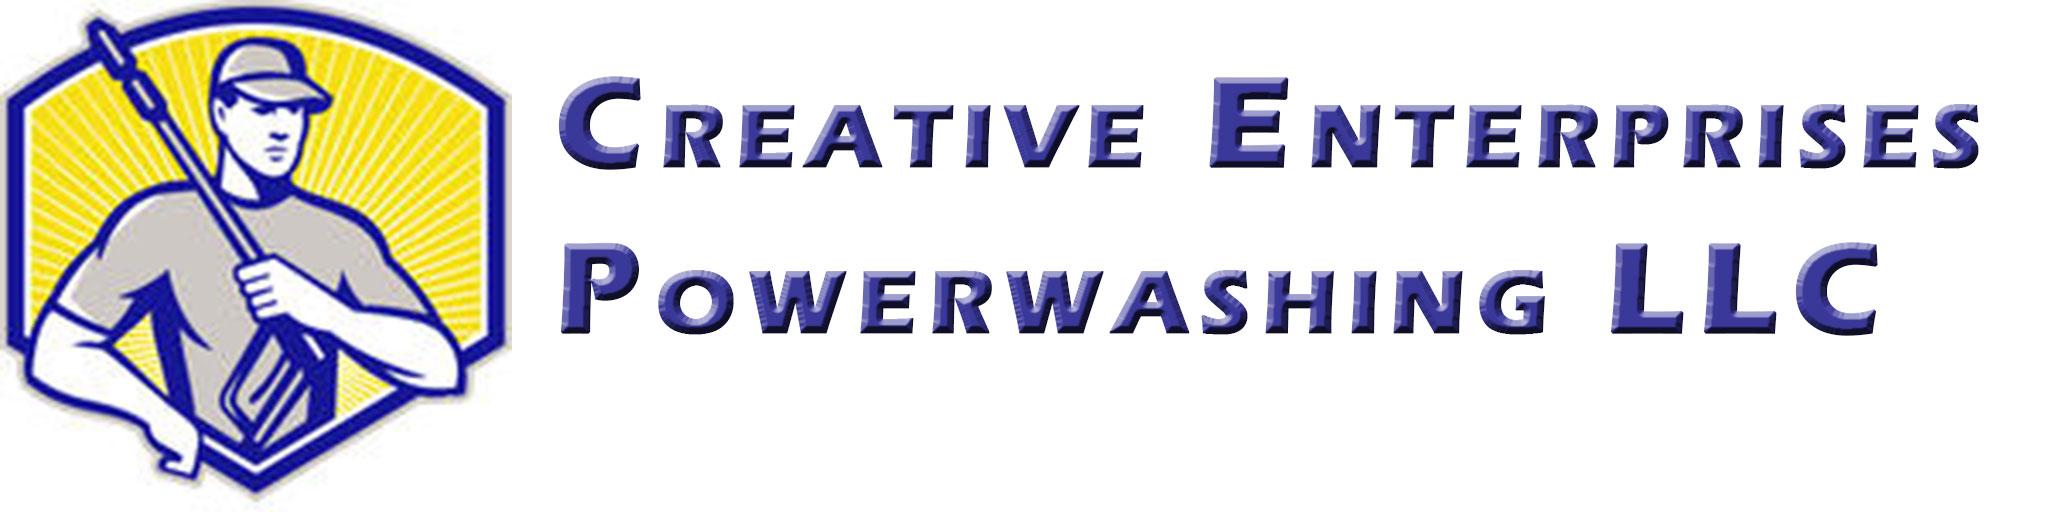 CREATIVE ENTERPRISE POWERWASHING, LLC